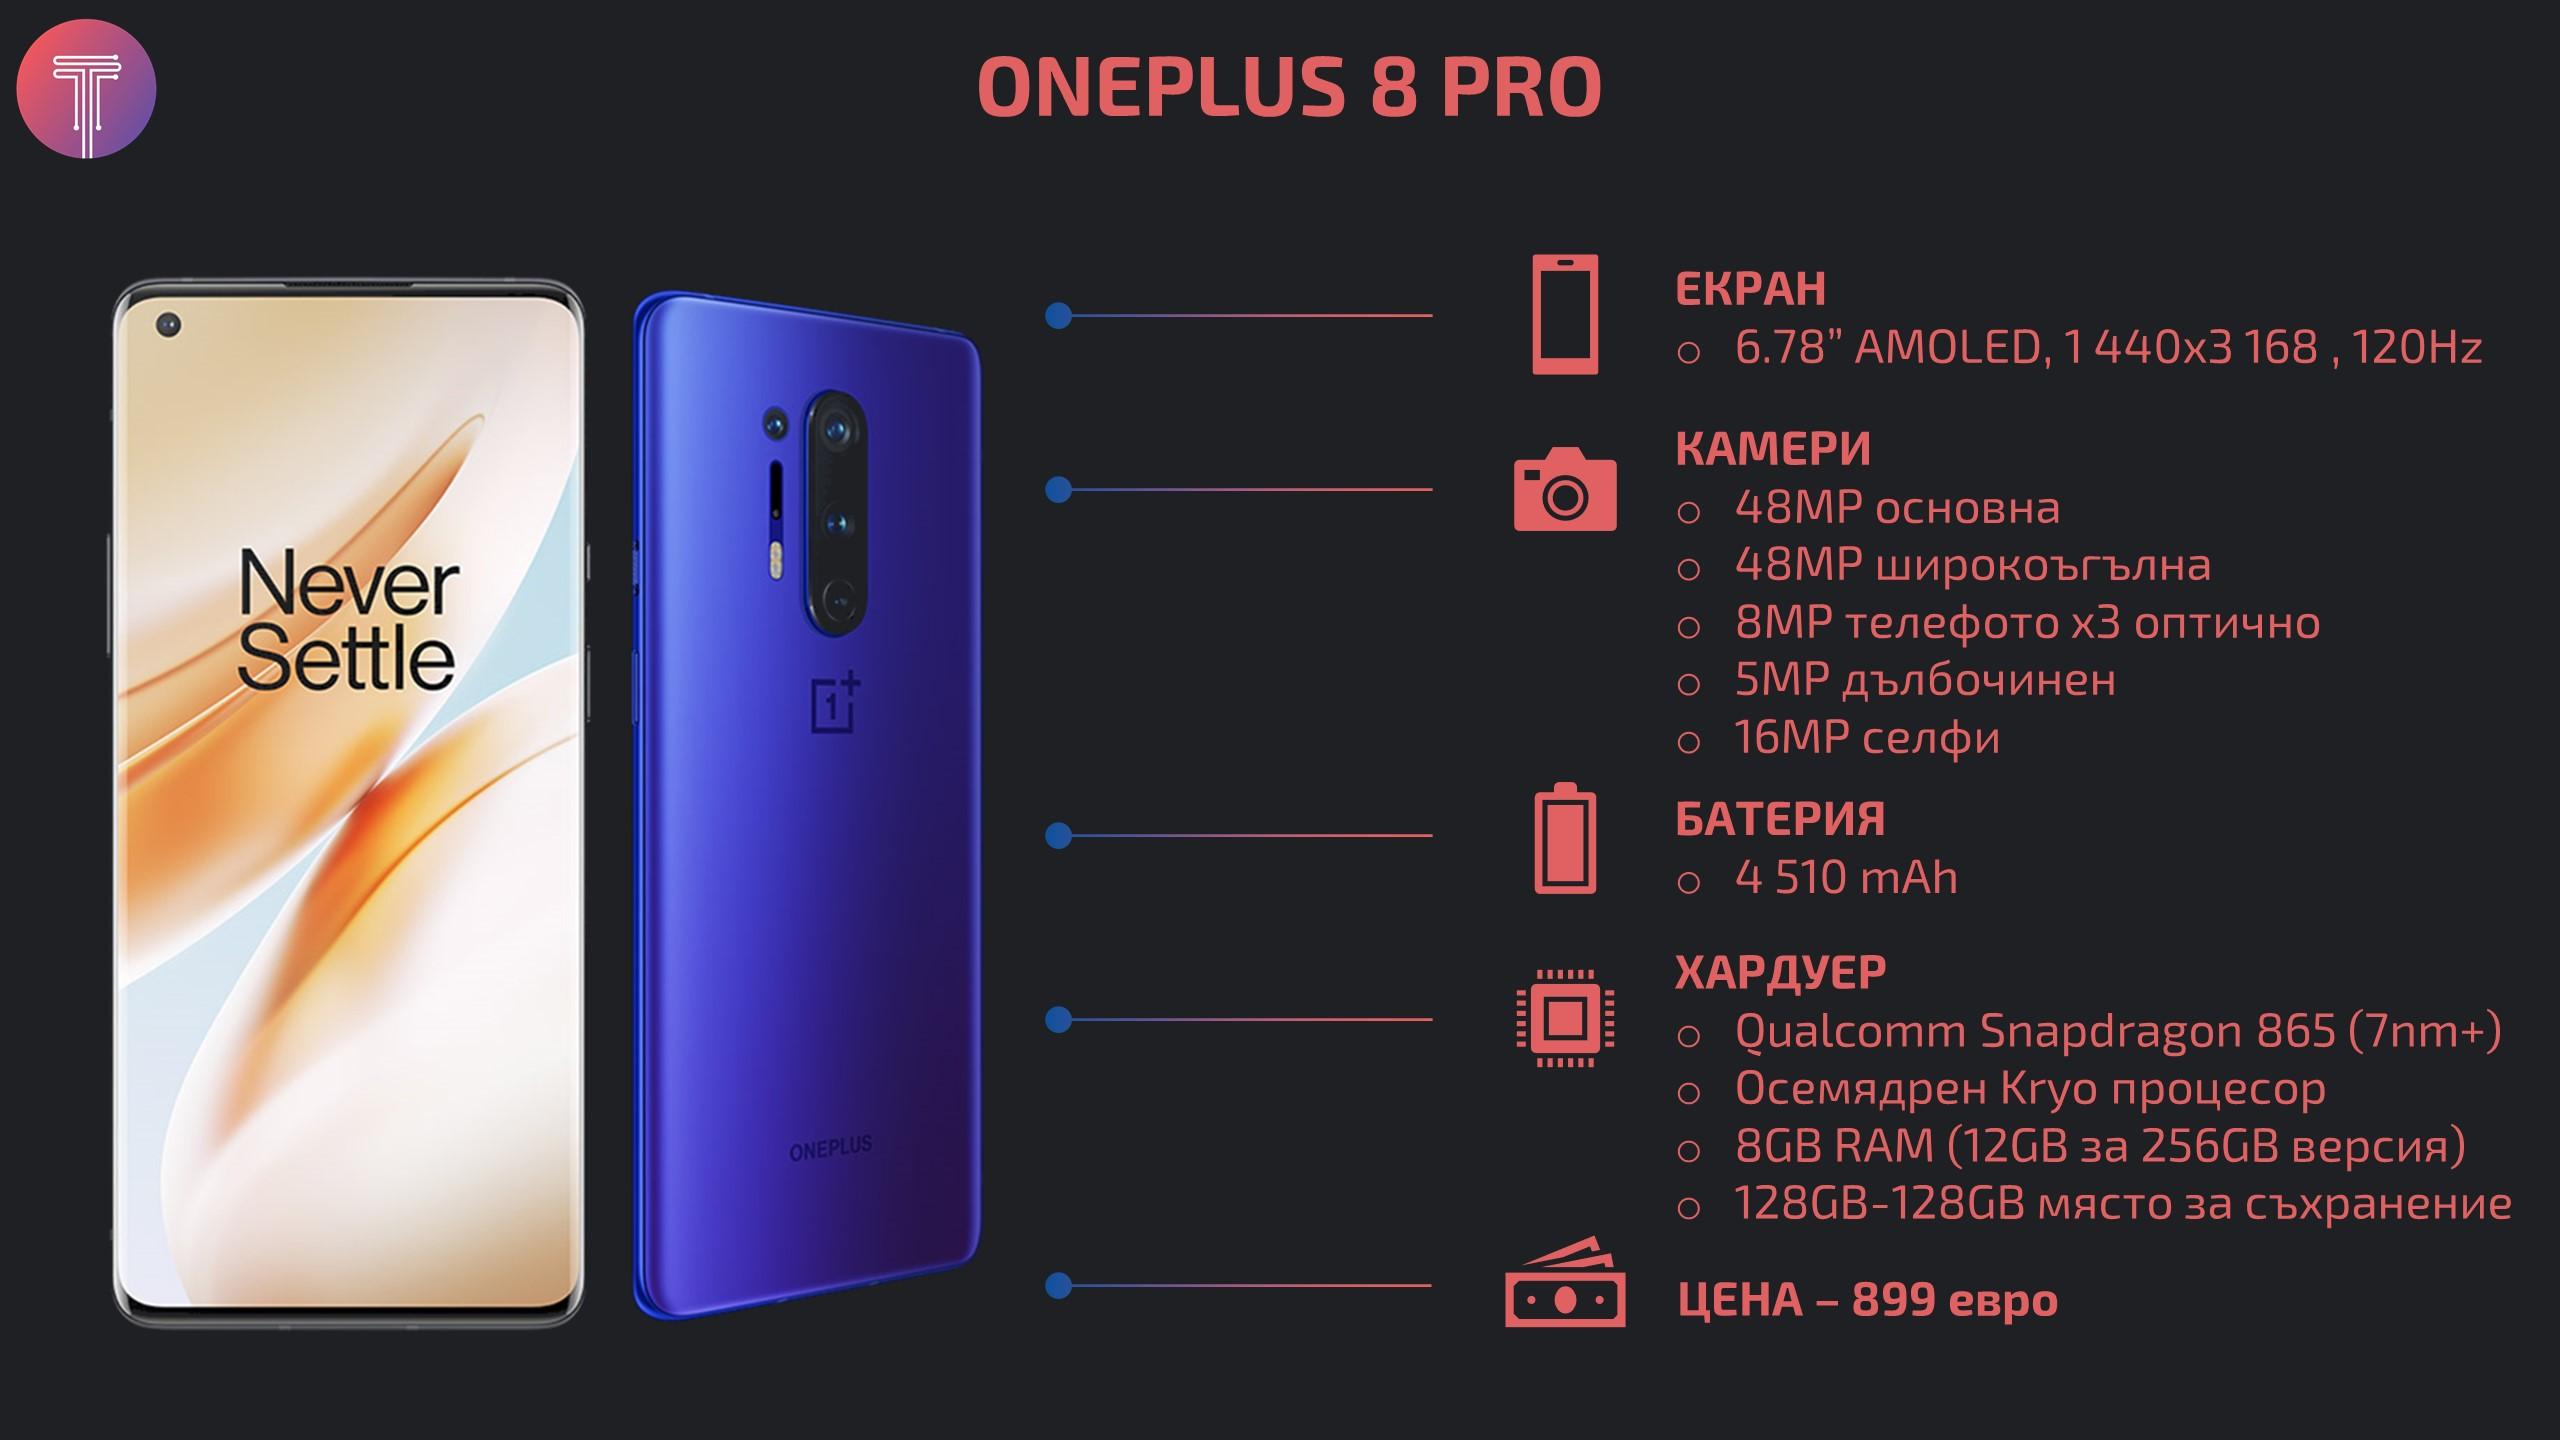 OnePlus8 Pro Infographic